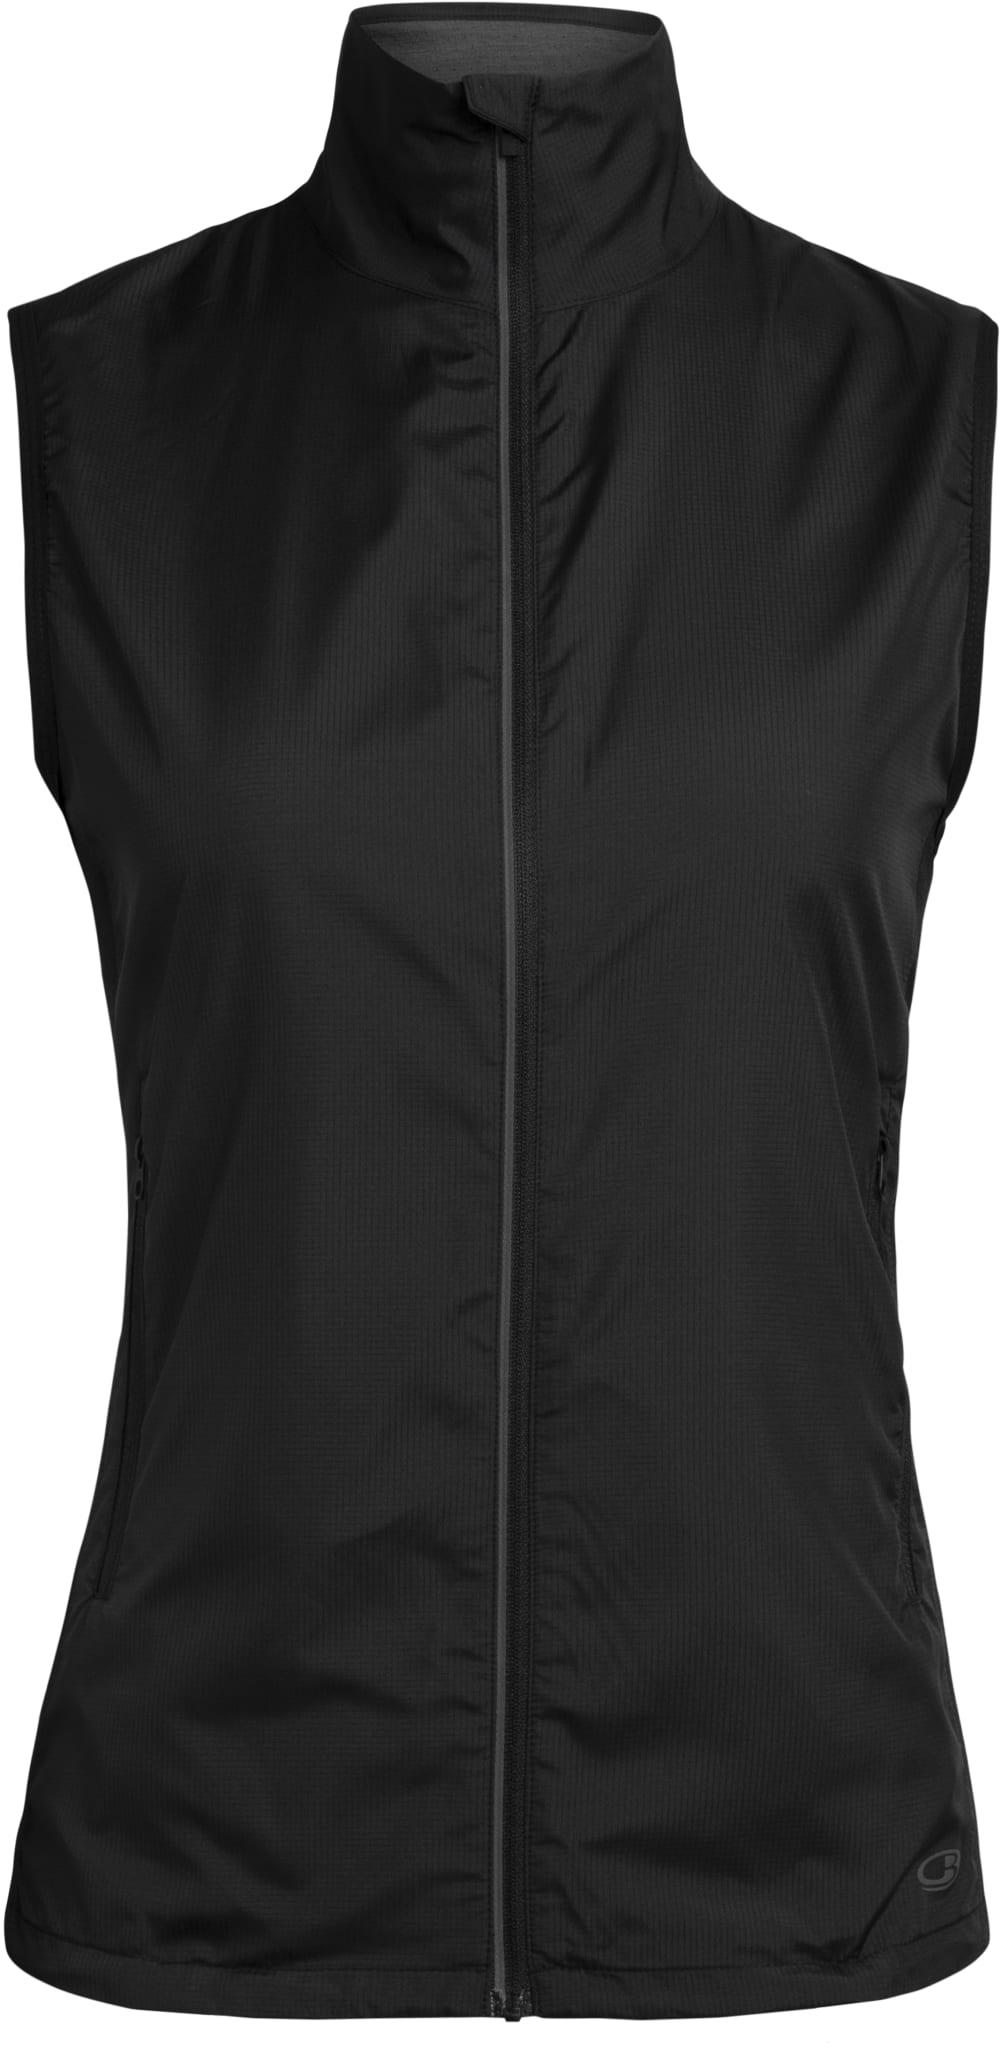 Lett windbreaker-vest med tynn ullnetting for trening